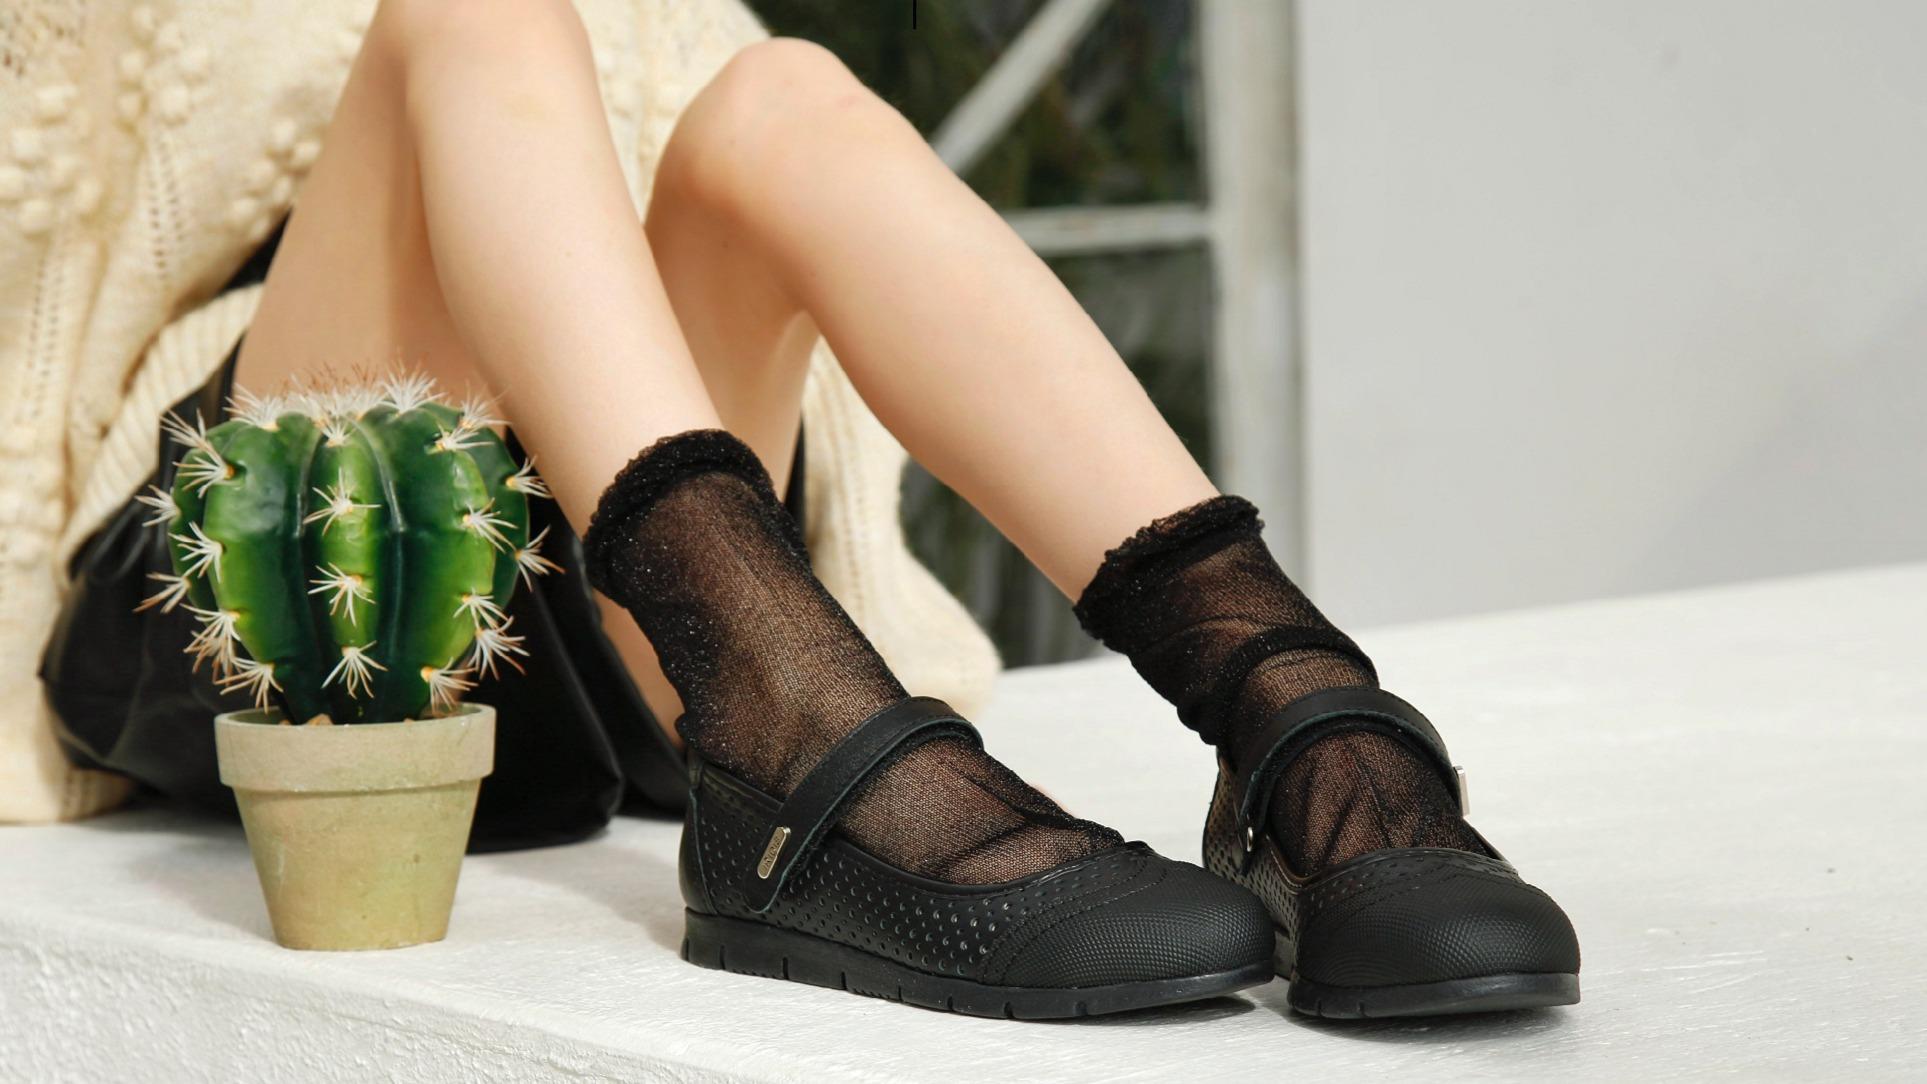 Обувь с защищенным мыском.